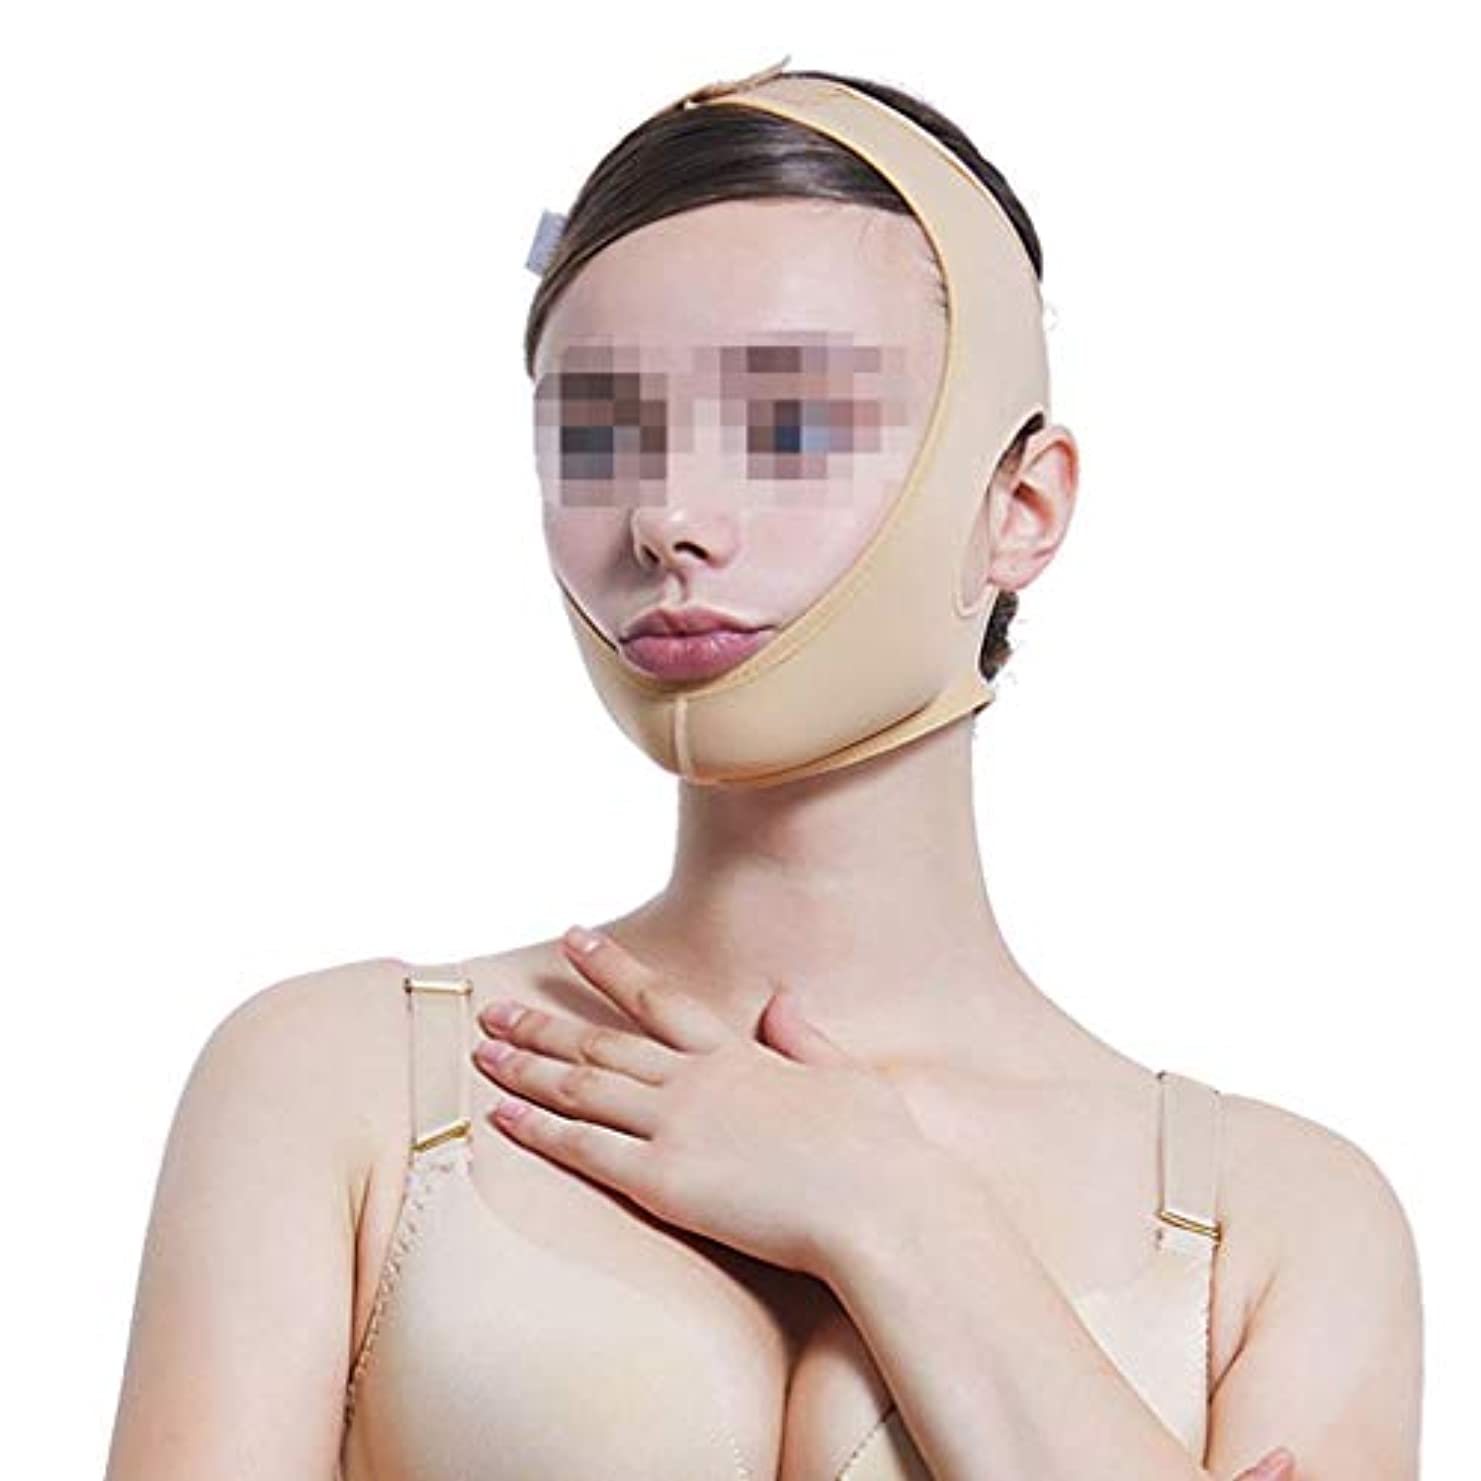 ミスペンド不明瞭メールを書くビームフェイス弾性ヘッドギア、ダブルあごのあごのセットをマスクの後に線彫り薄いフェイス包帯マルチサイズオプション(サイズ:XS),S